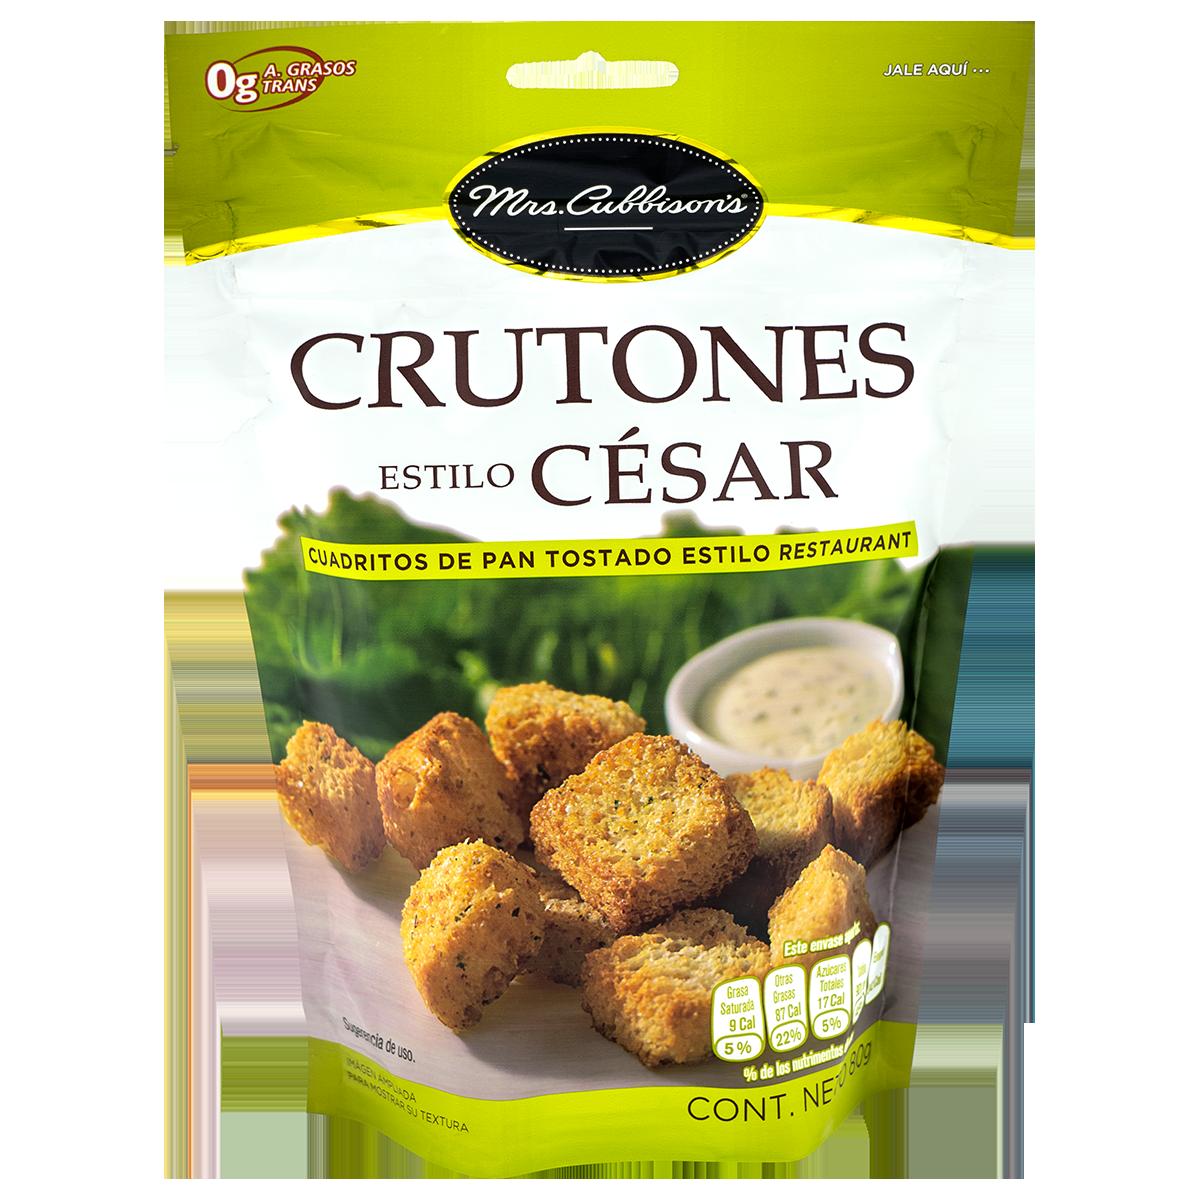 Mrs. Cubison's - Crutones Estilo César - Reinventa tus platillos